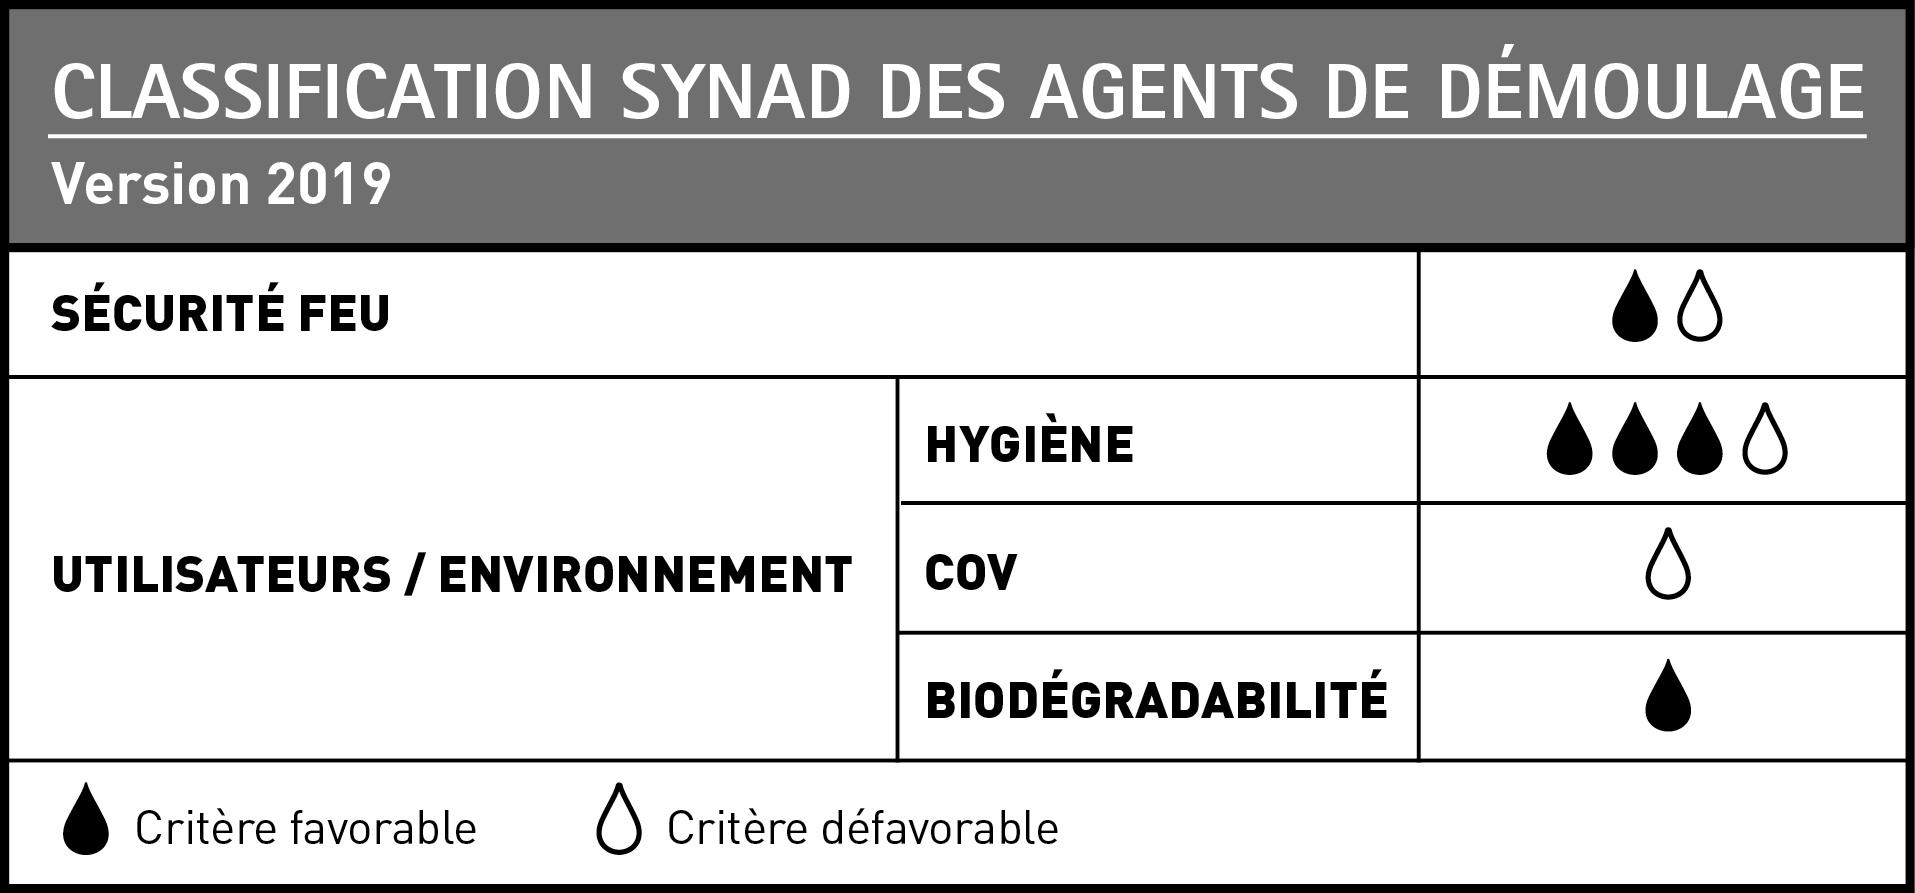 02-FR-synad-1-3-0-1.jpg